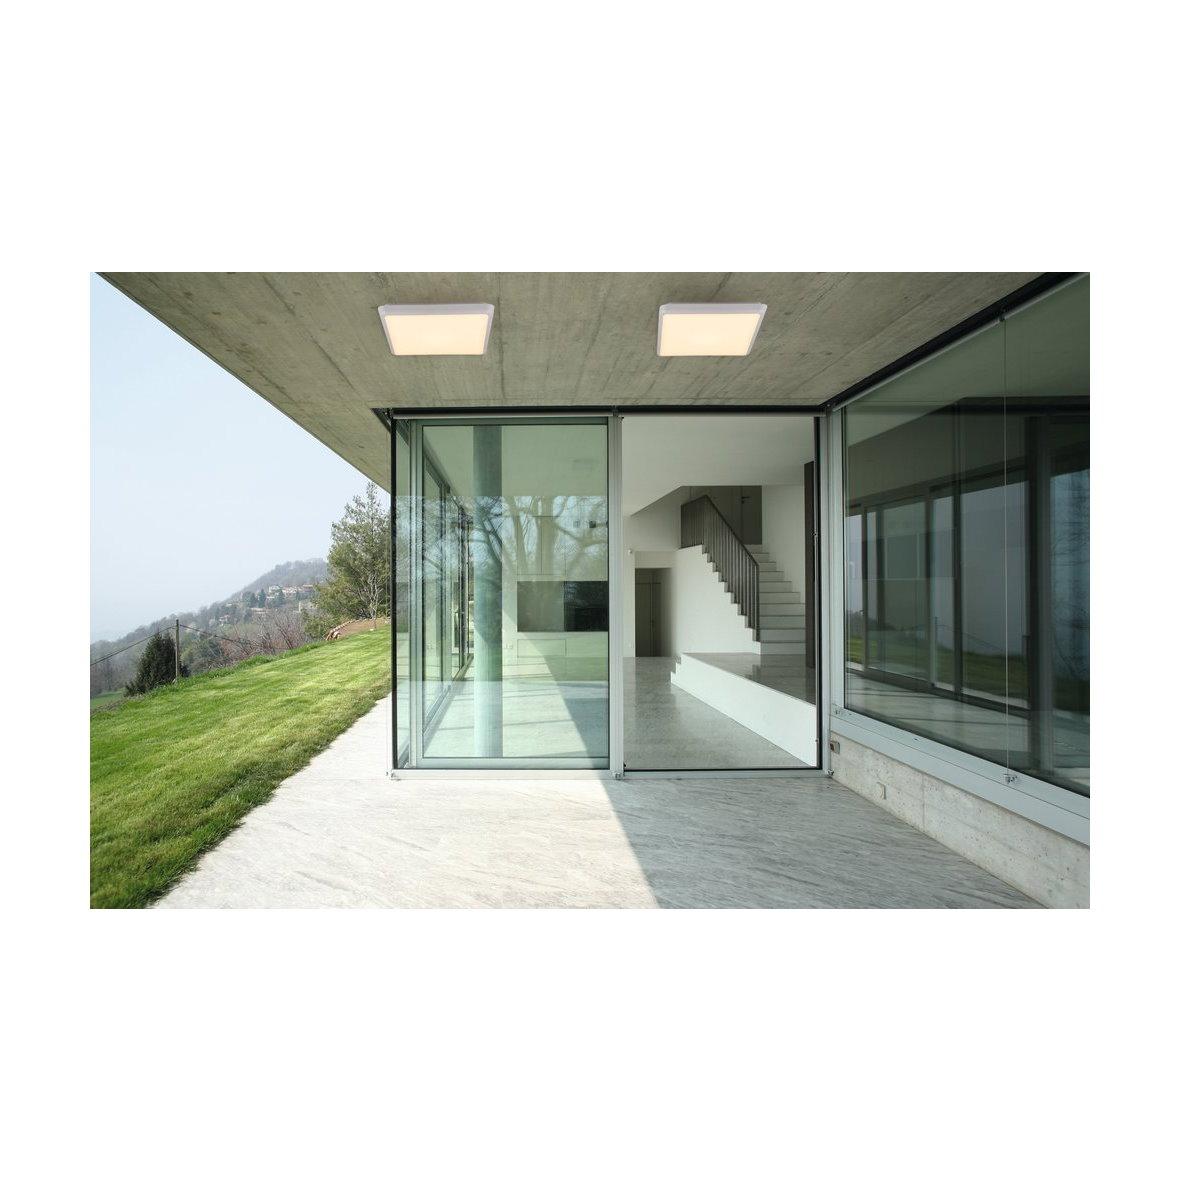 heitronic led deckenleuchte panel ip44 eckig 25w. Black Bedroom Furniture Sets. Home Design Ideas